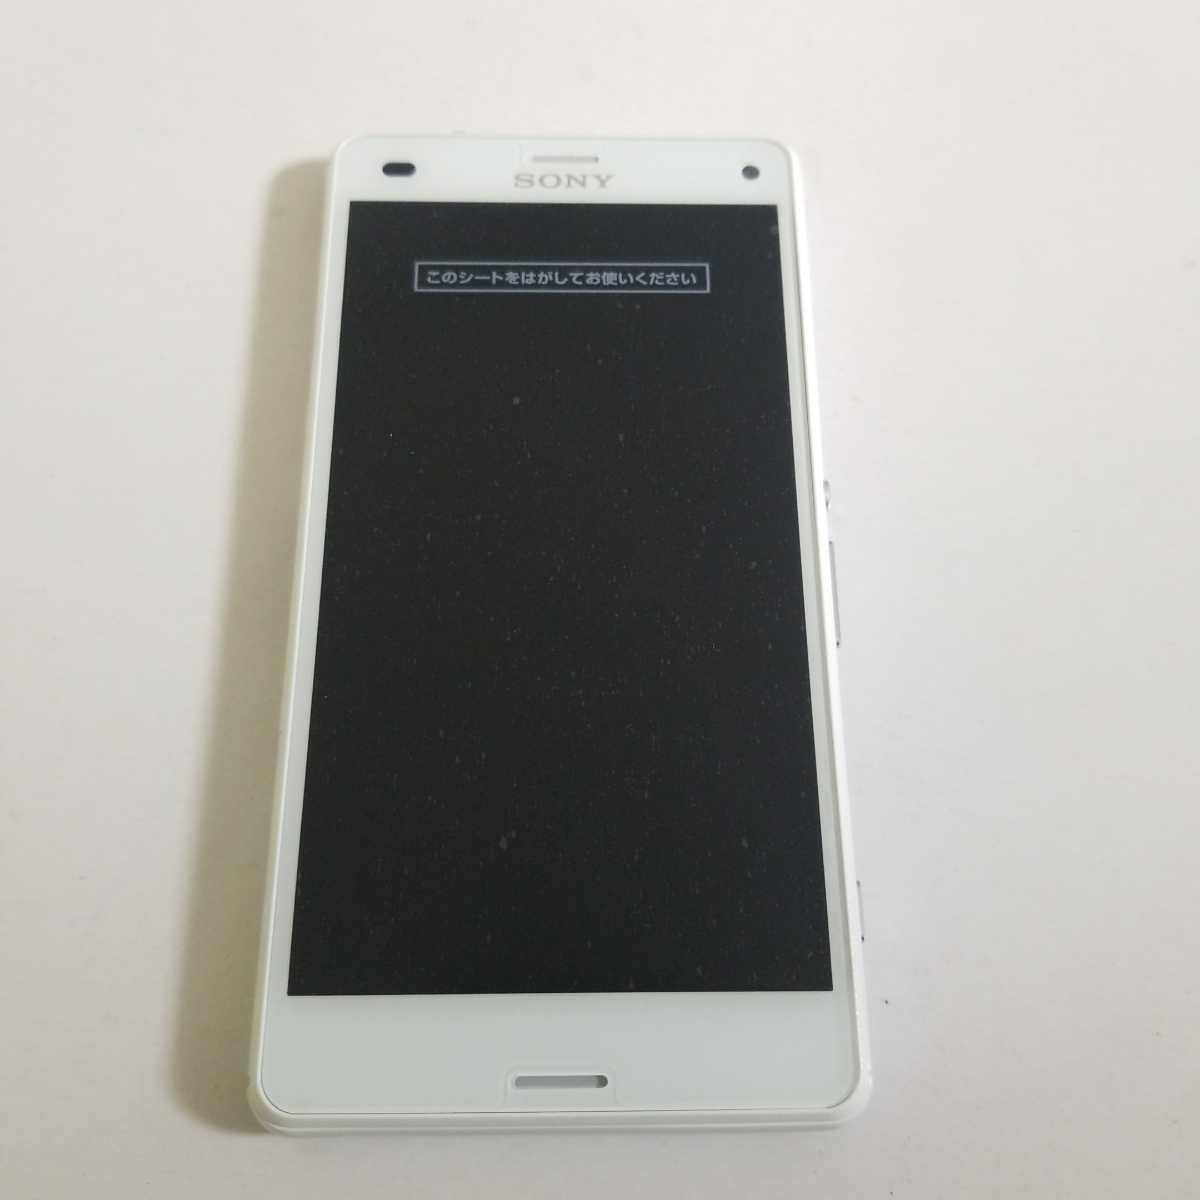 バッテリー新品 SIMフリー ドコモ XPERIA A4 SO-04G ホワイト 利用判定◯ docomo 修理品 SIMロック解除済_画像1